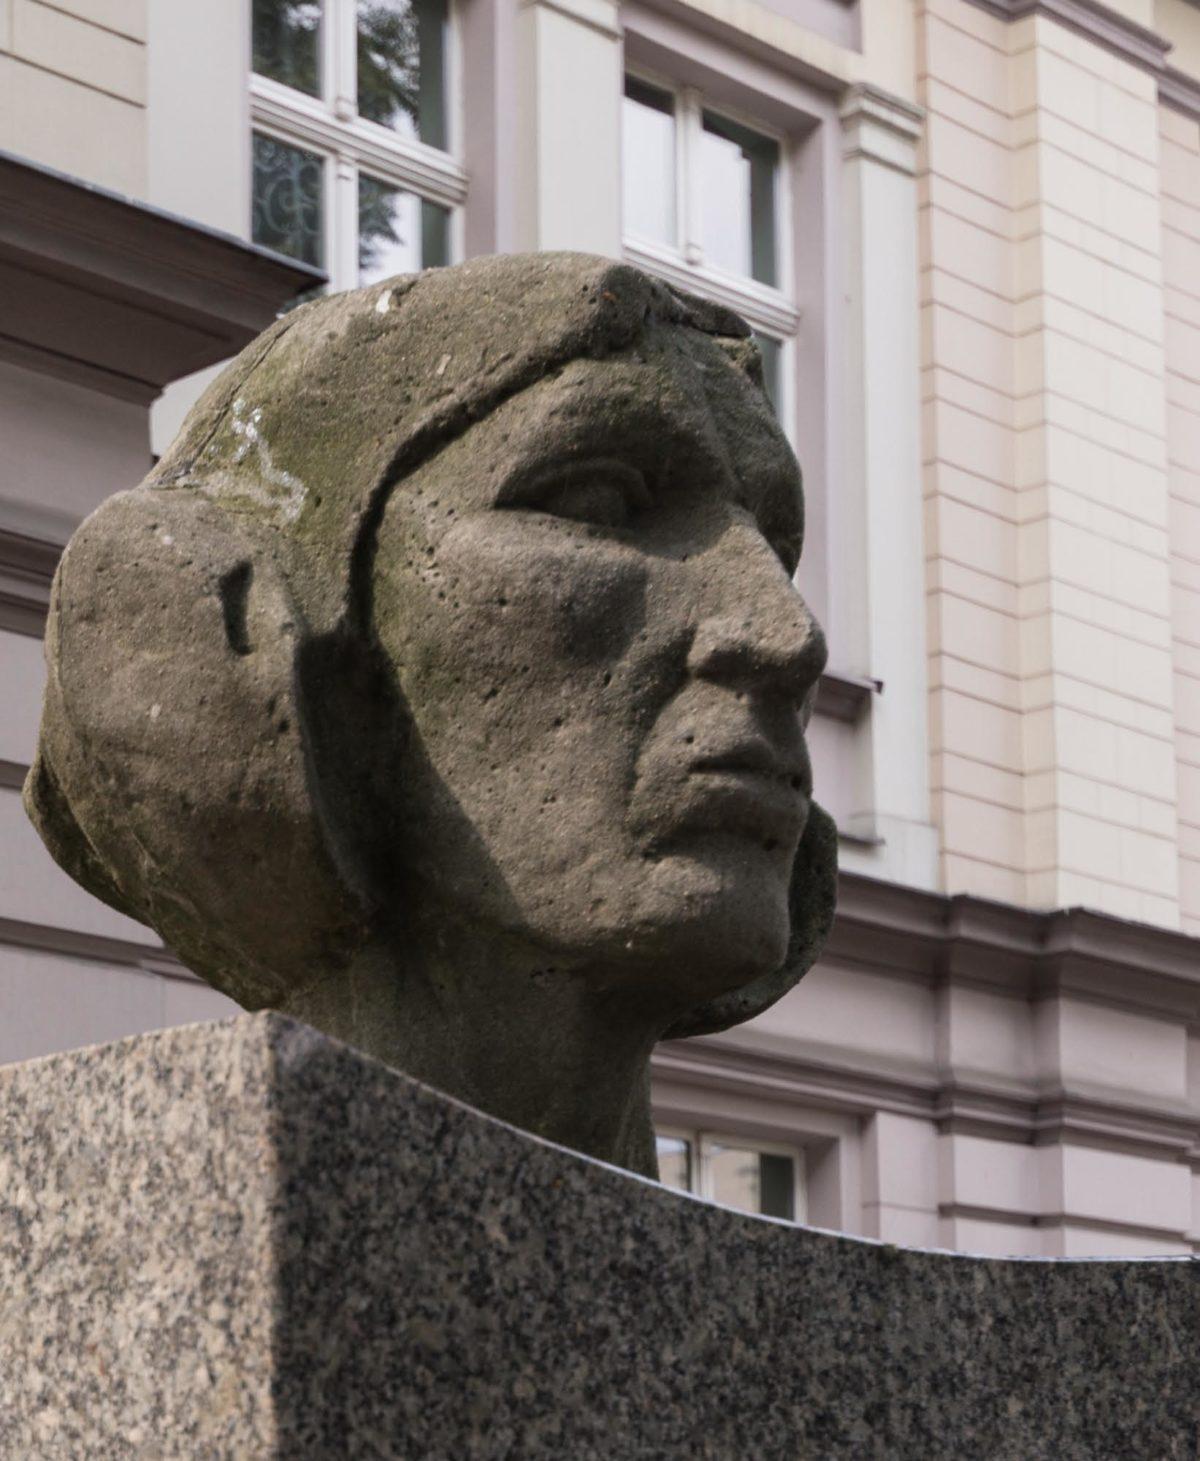 Wiesław Andrzej Oźmina, kaliski rzeźbiarz, artysta plastyk, autor wielu pomników, płaskorzeźb, medalionów i medali